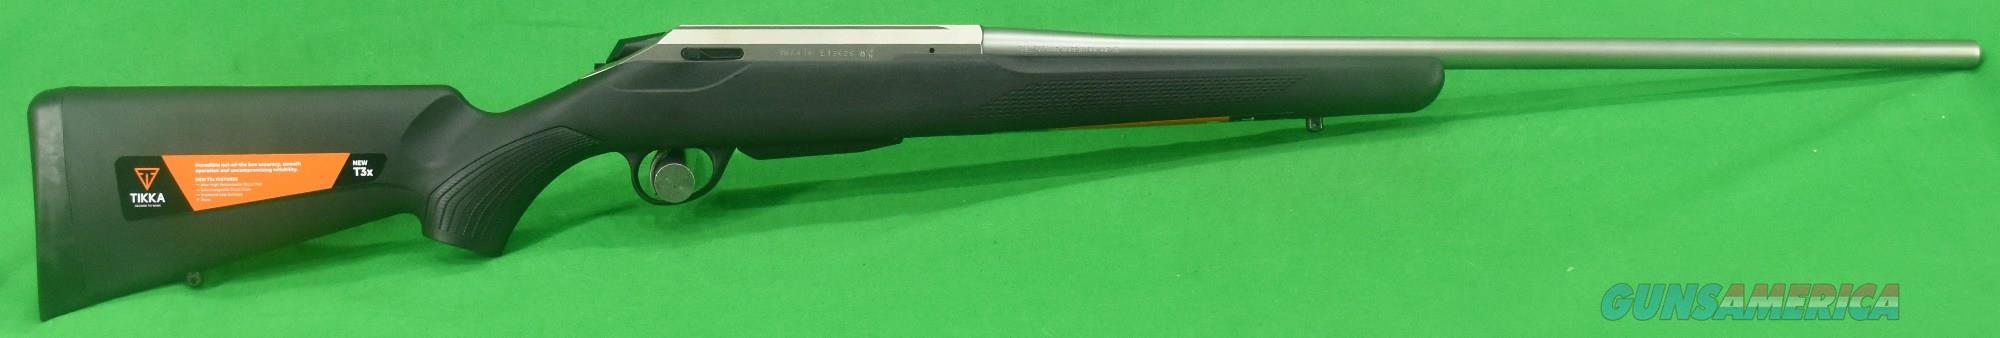 T3x Lite SS LH 243Win 22.4In  JRTXB415  Guns > Rifles > Tikka Rifles > T3